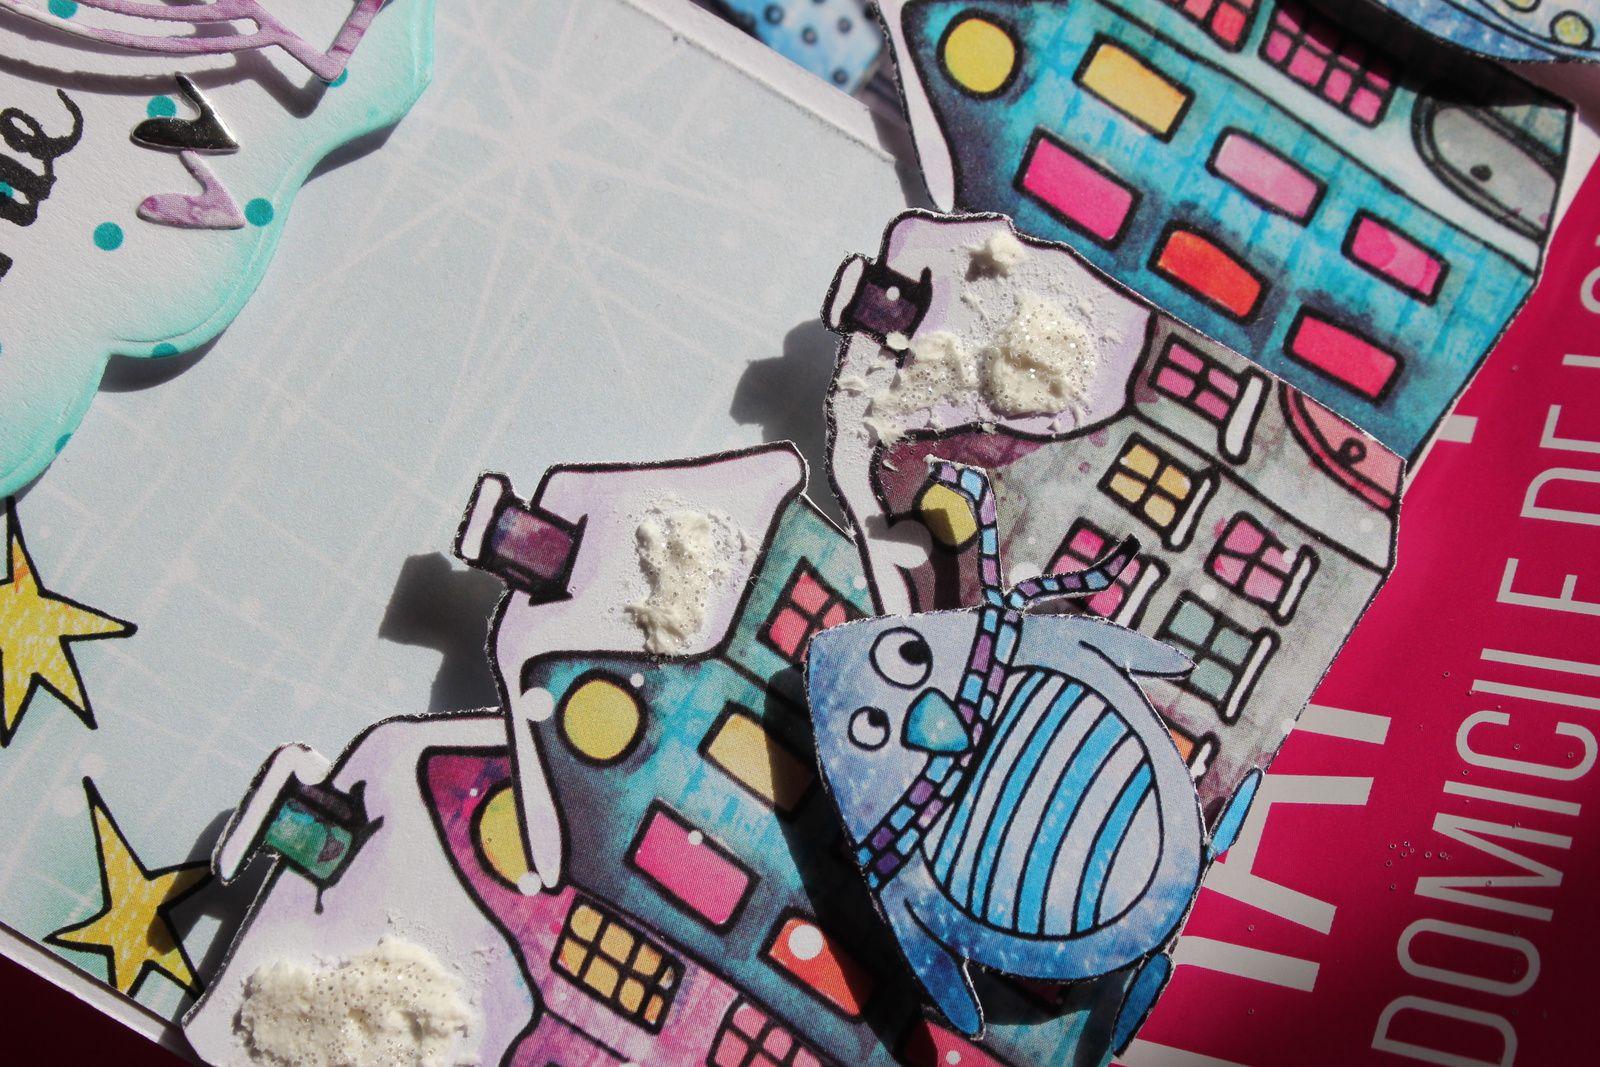 quelques ptits détails sur la colorisation du bonhomme de neige et le reste ;)